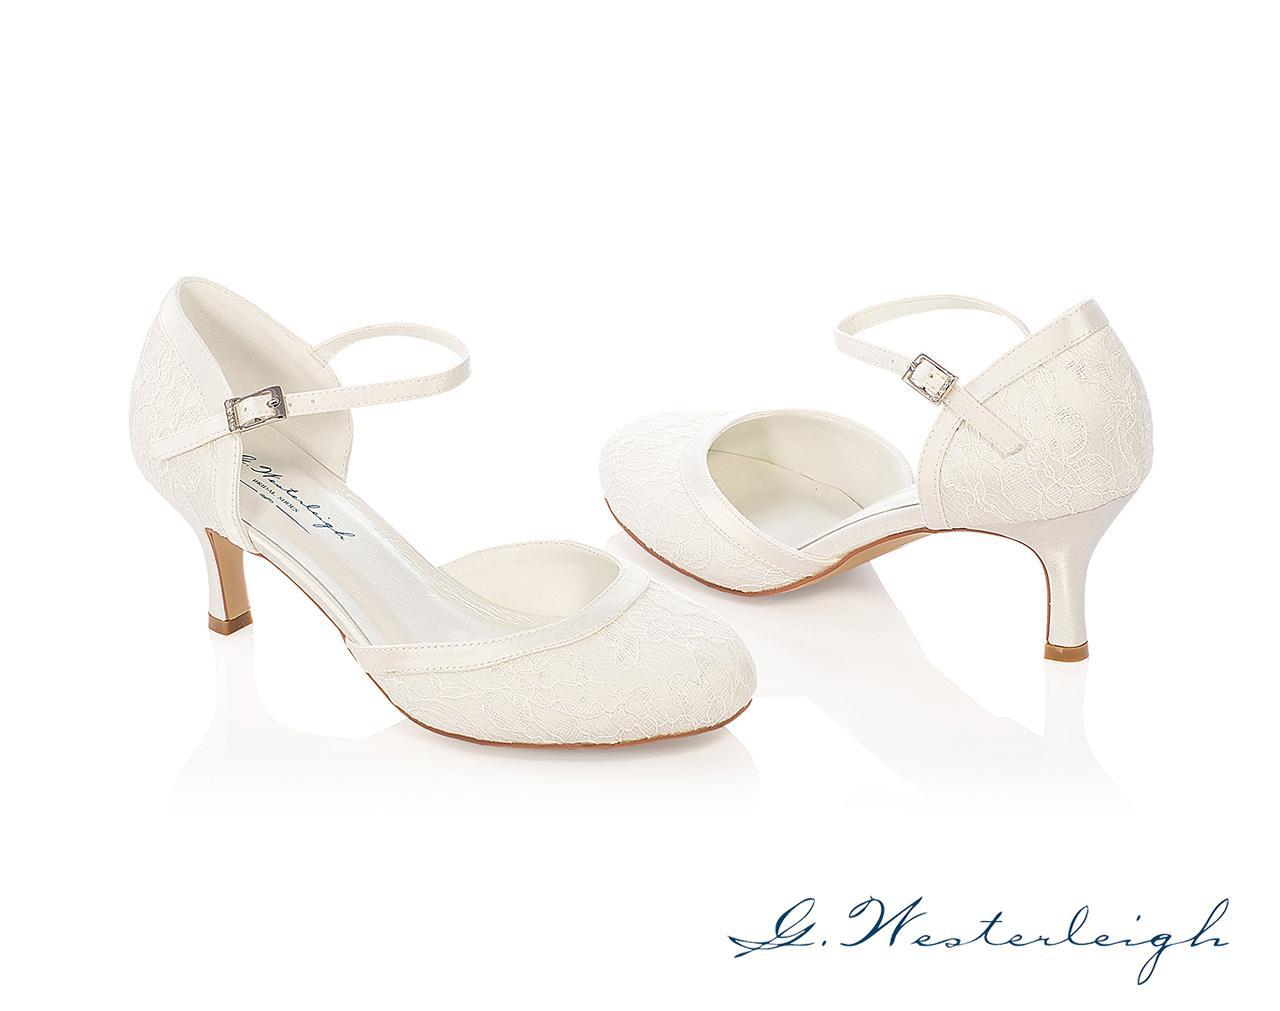 DAISY - Westerleigh cipő. 24.900 Ft. 6 cm sarok